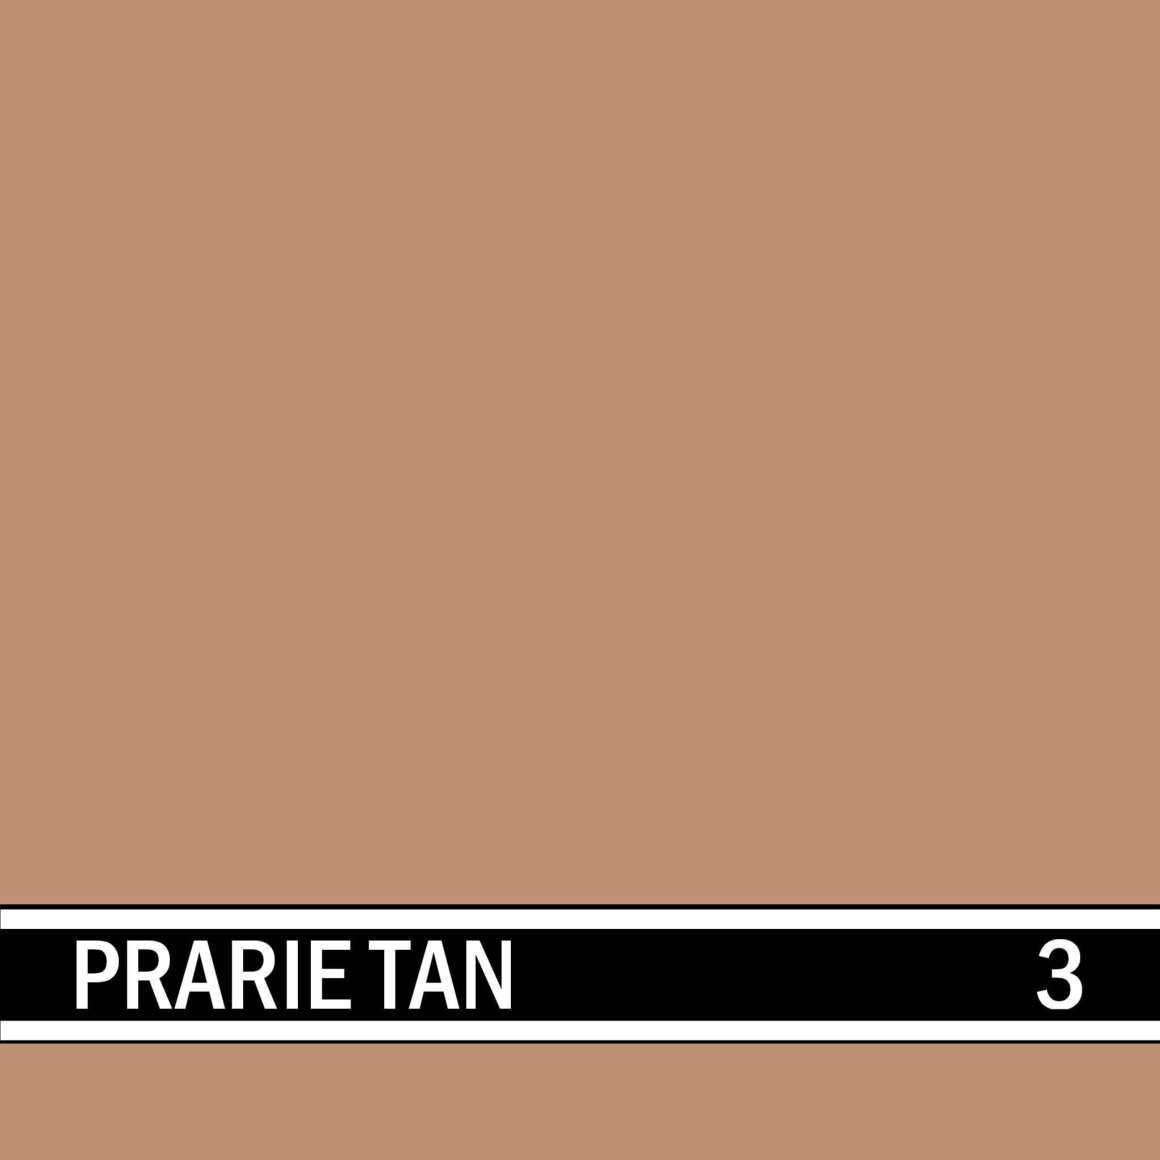 Prarie Tan integral concrete color for stamped concrete and decorative colored concrete